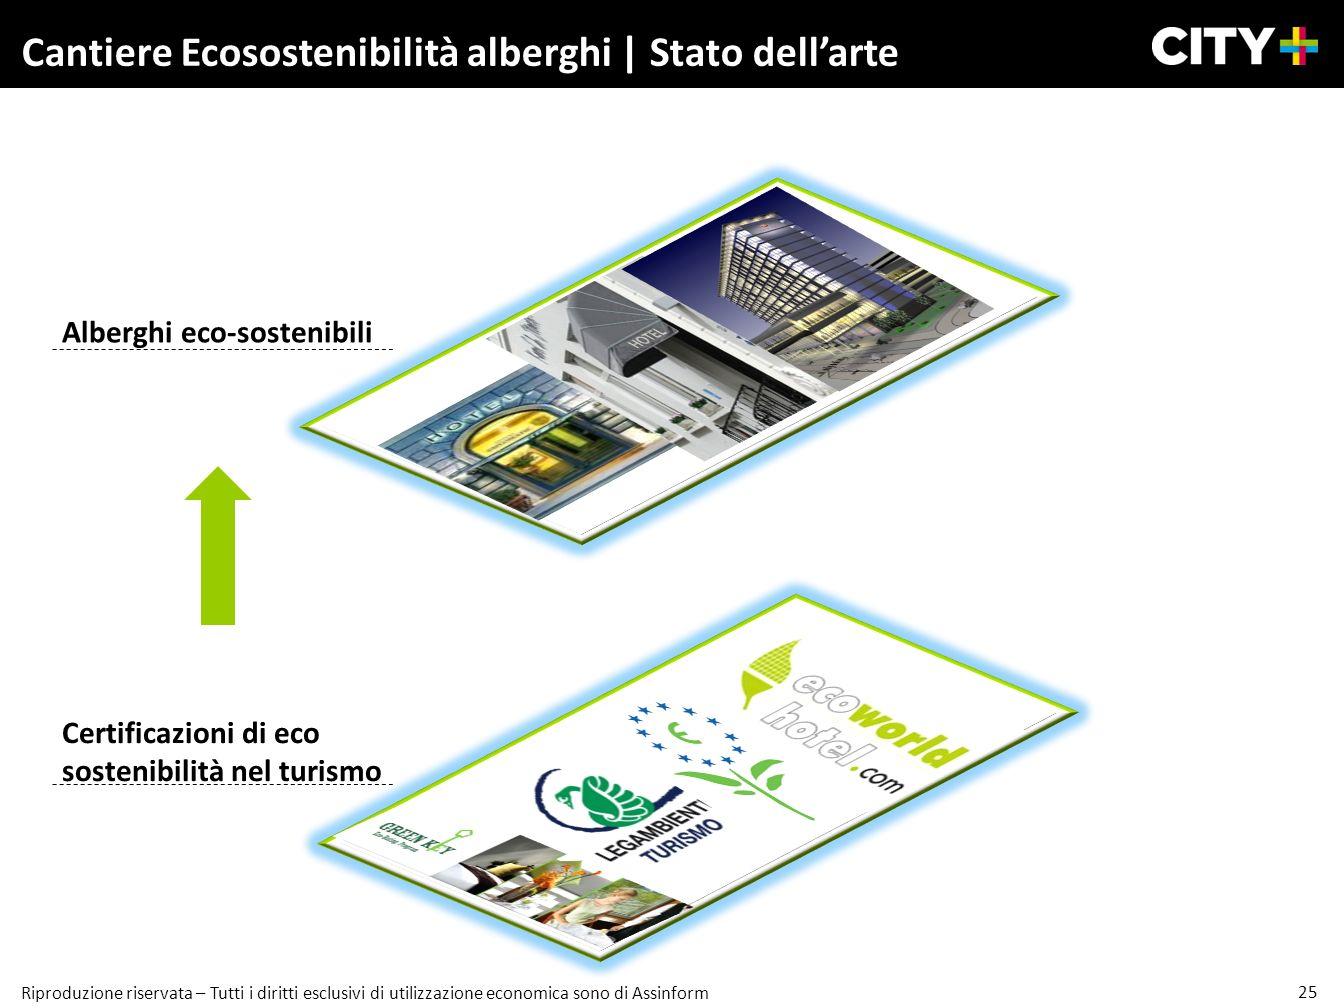 Cantiere Ecosostenibilità alberghi | Stato dell'arte